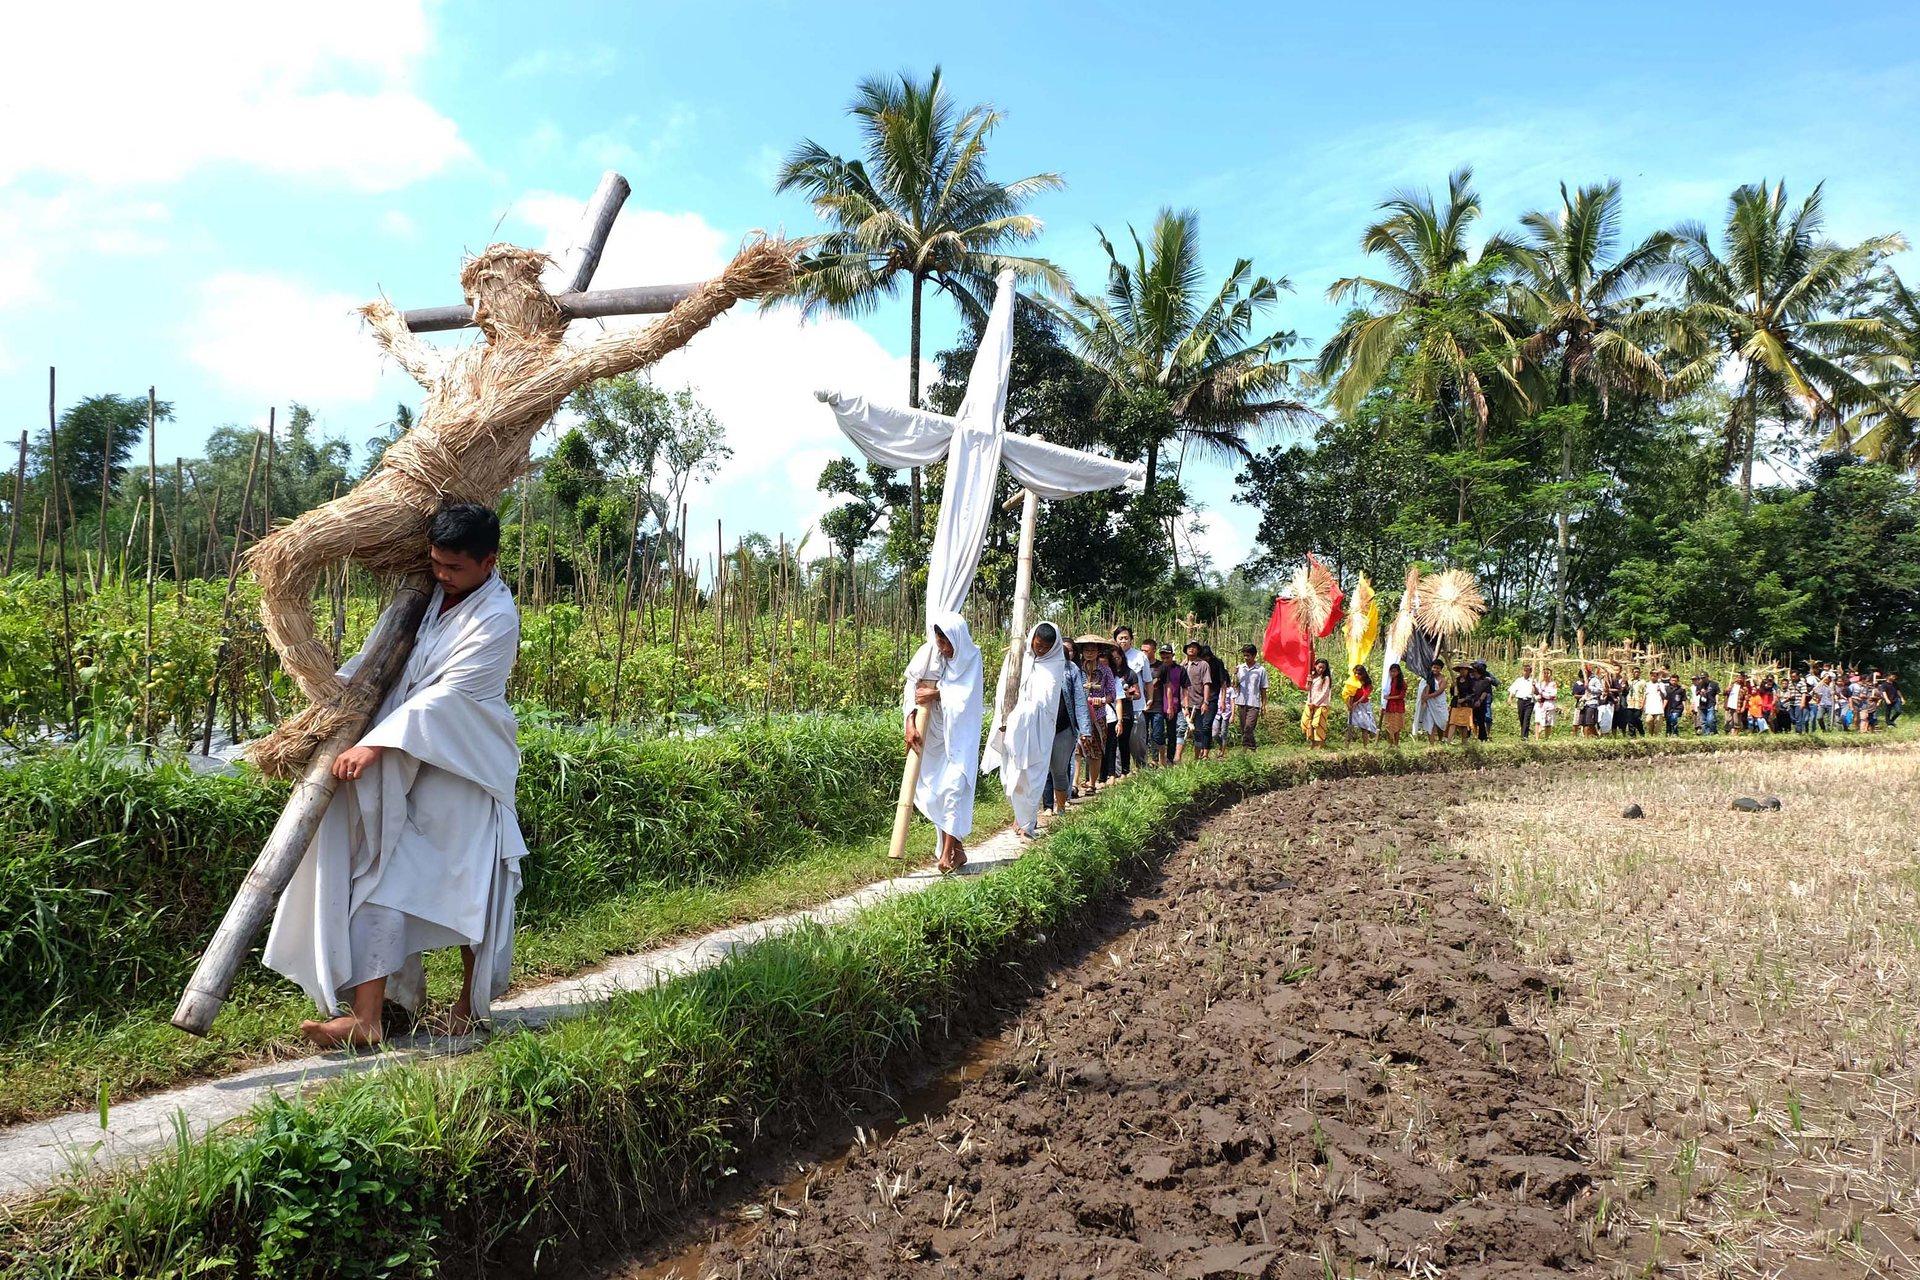 О. Ява, Индонезия Християни носят кръстове по време на шествие за Разпети петък в Магеланг Снимка: Citta Yuwati / AFP